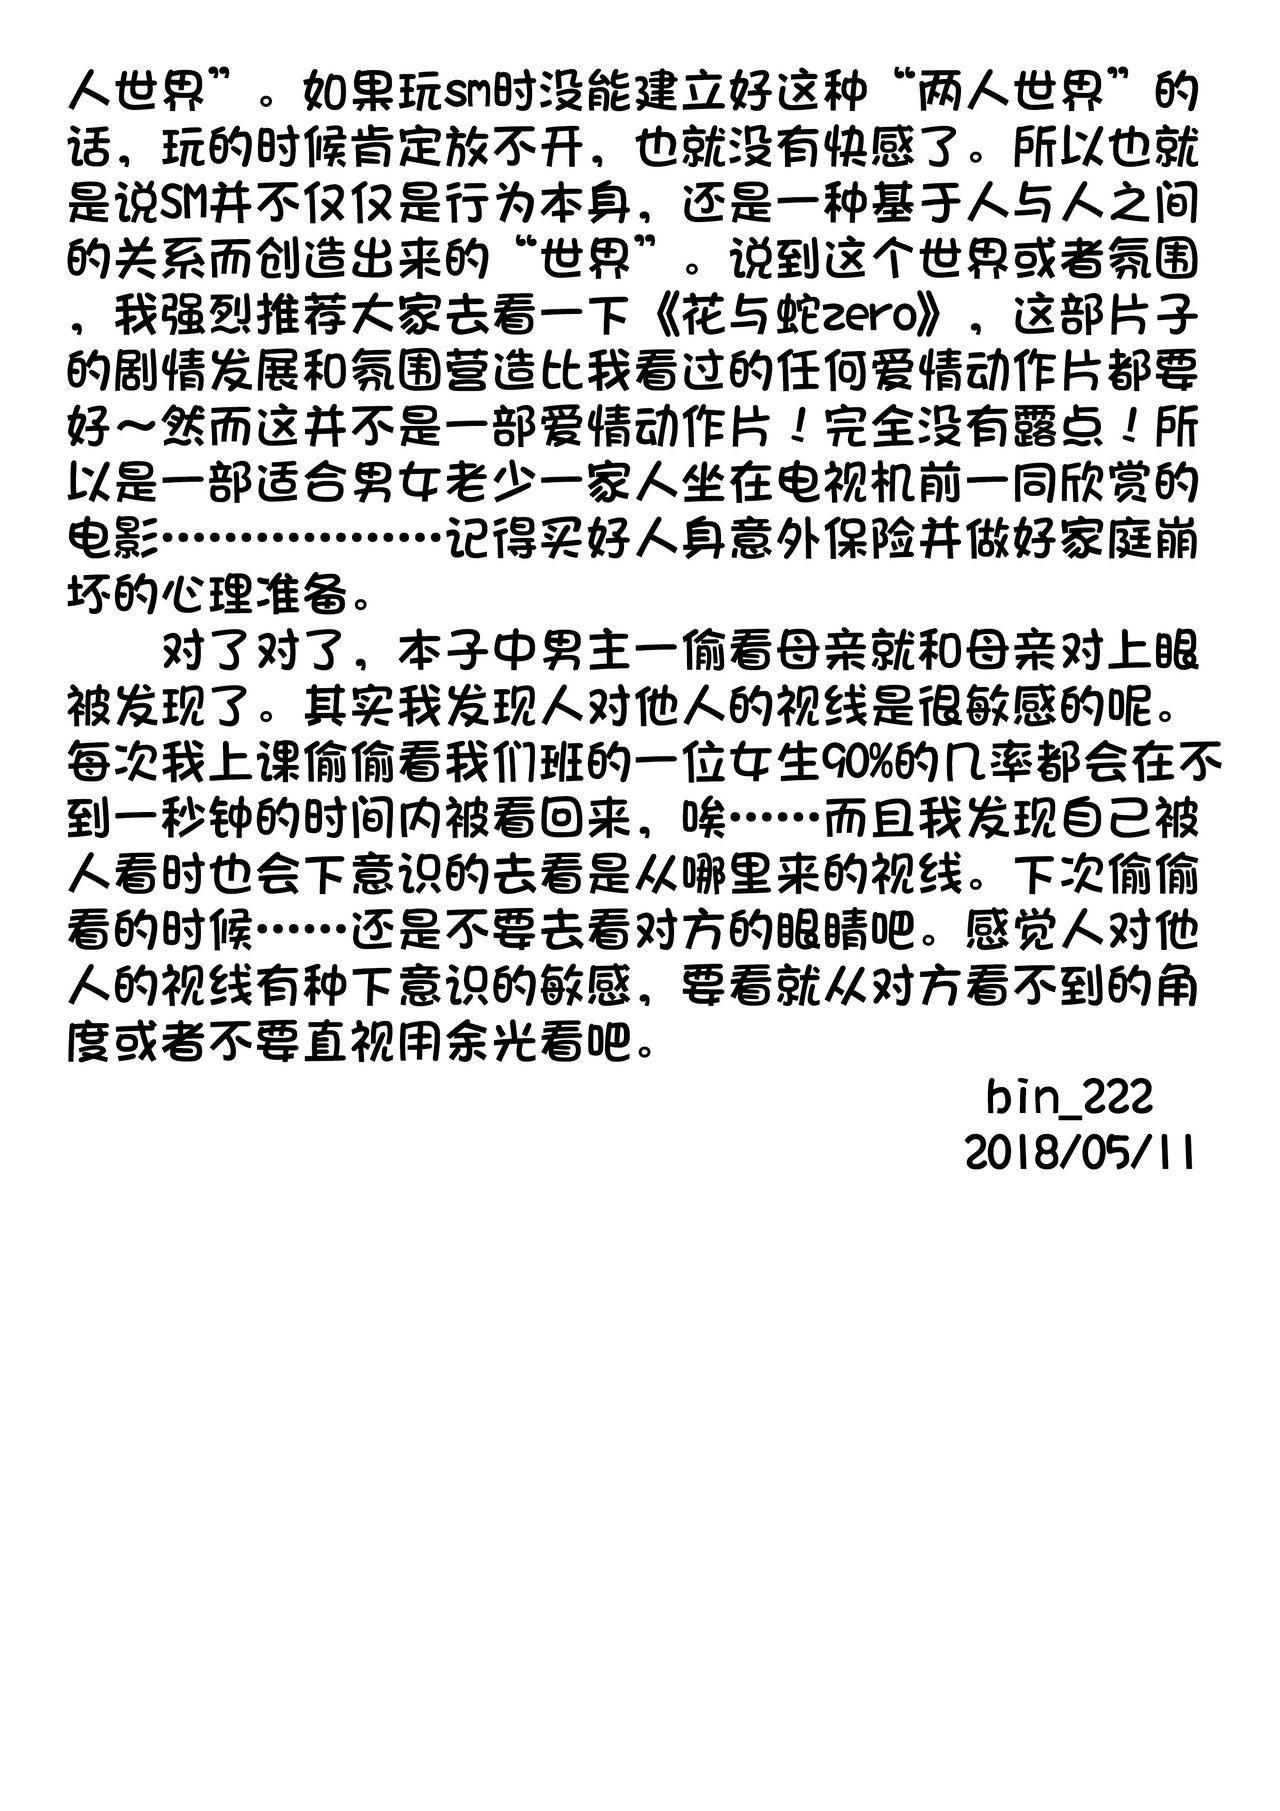 Musukohe no Dokichiku Gedou Ijime Womigawari ni Ukeire, Kyouseizenra Choukyouseikatsuwo 43